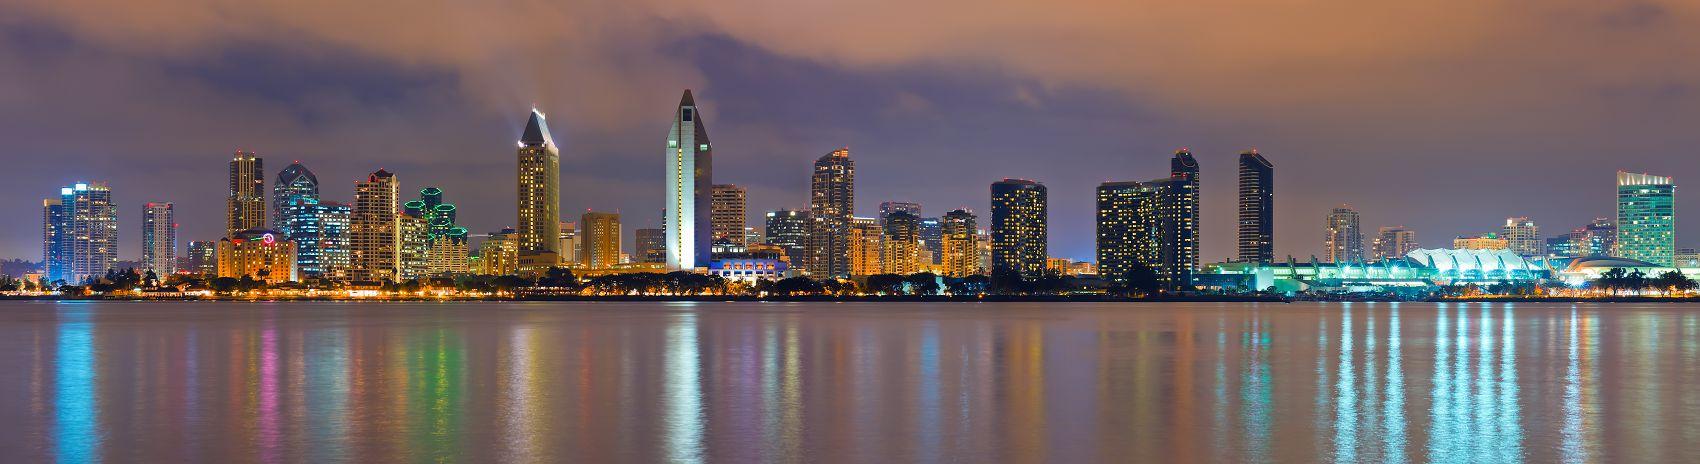 Сан-Диего город